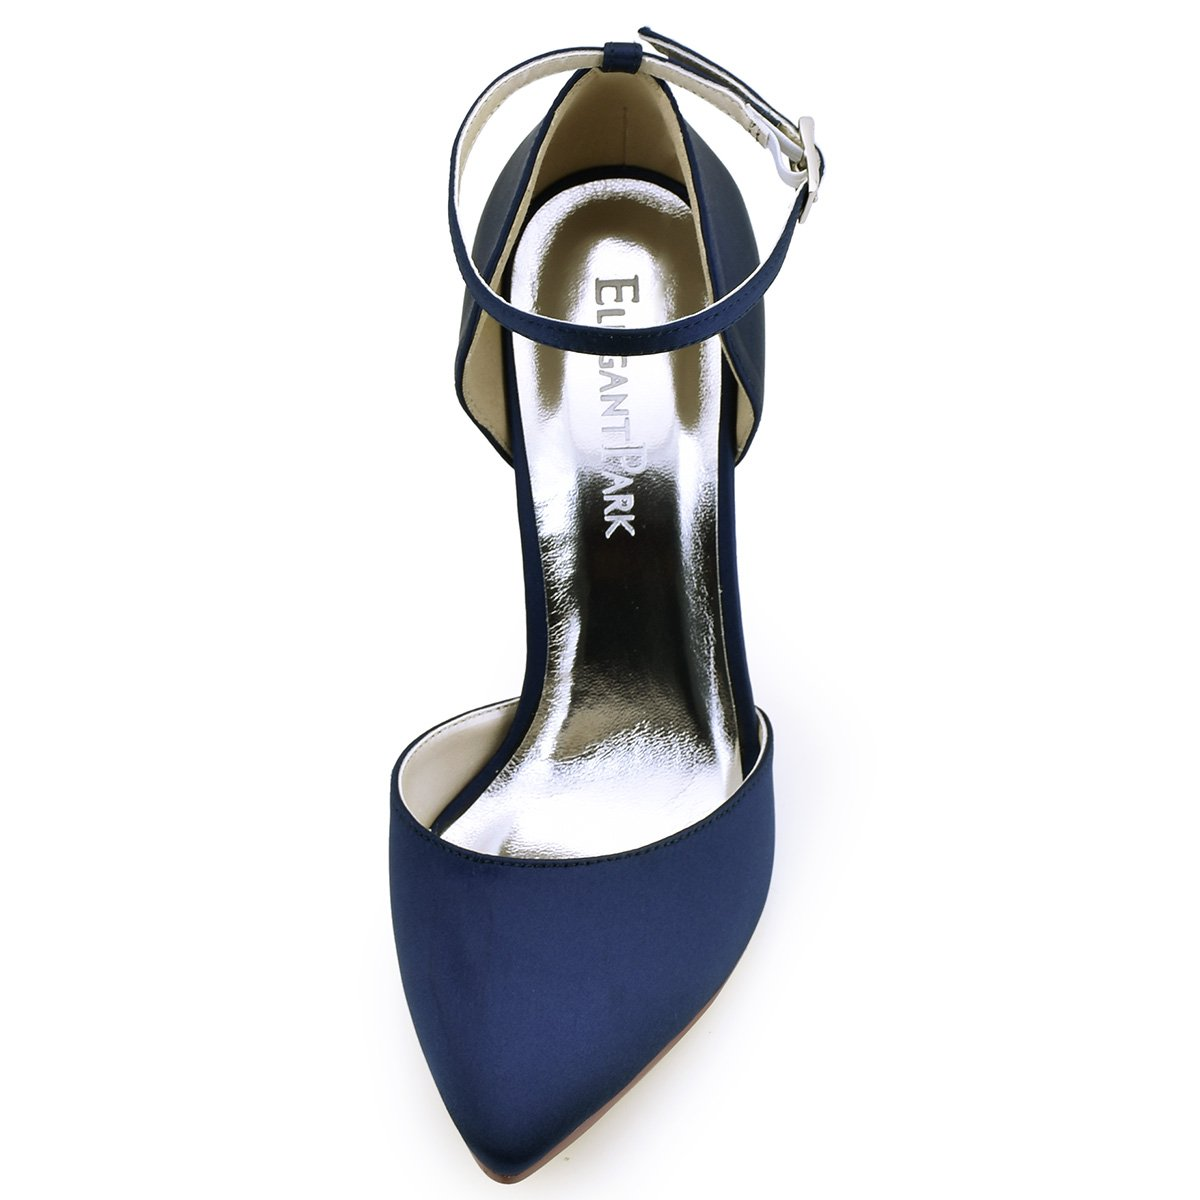 ElegantPark ElegantPark ElegantPark HC1602 Donna Satin Scarpe A Punta Cinturino Alla Caviglia Tacco A Spillo Pompe Partito Scarpe Da SposaBlu Marina 4461a5